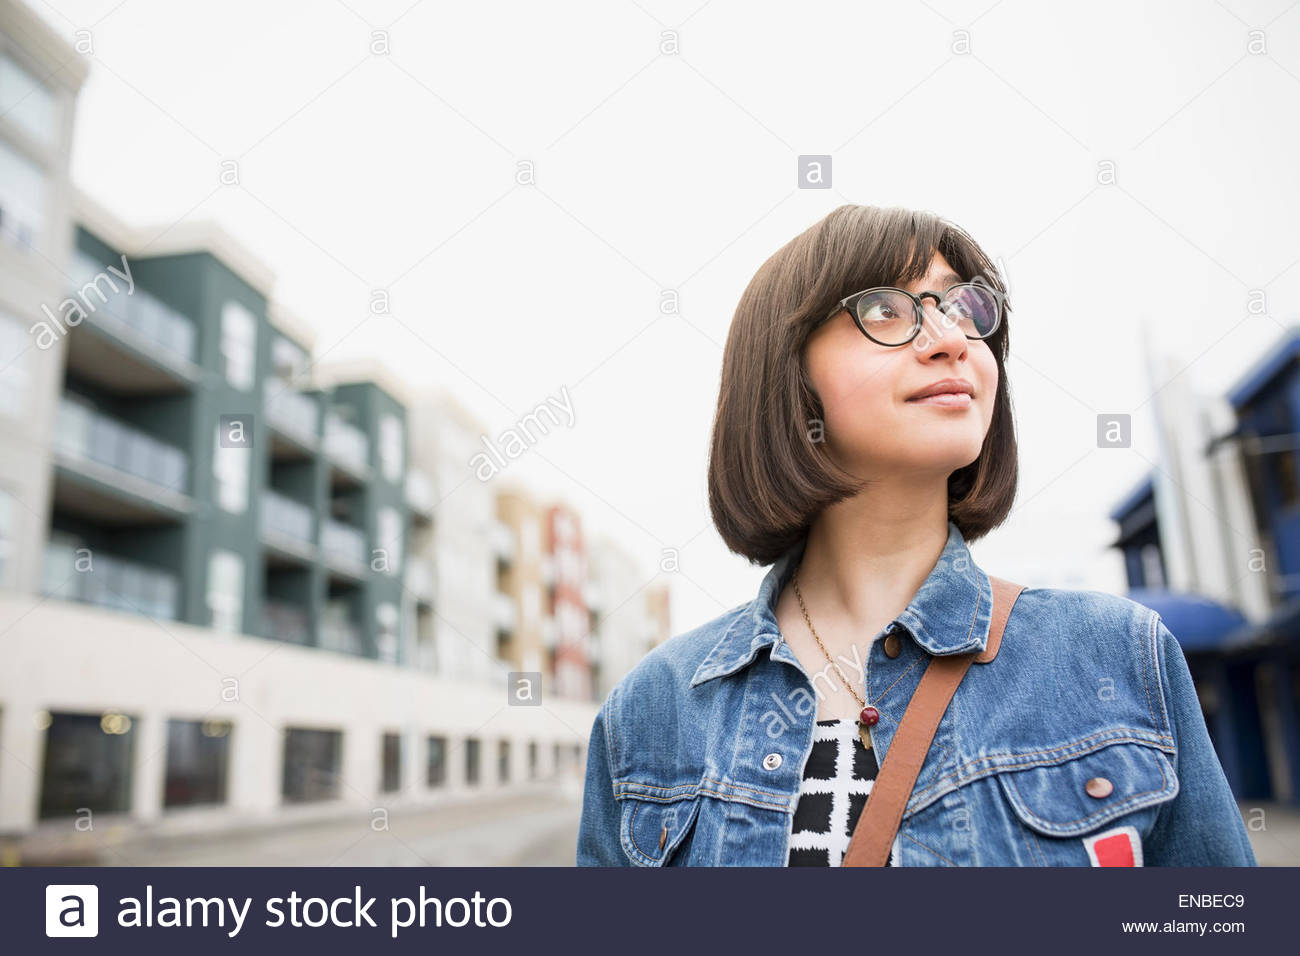 Veste en jean femme dans la rue en milieu urbain Photo Stock